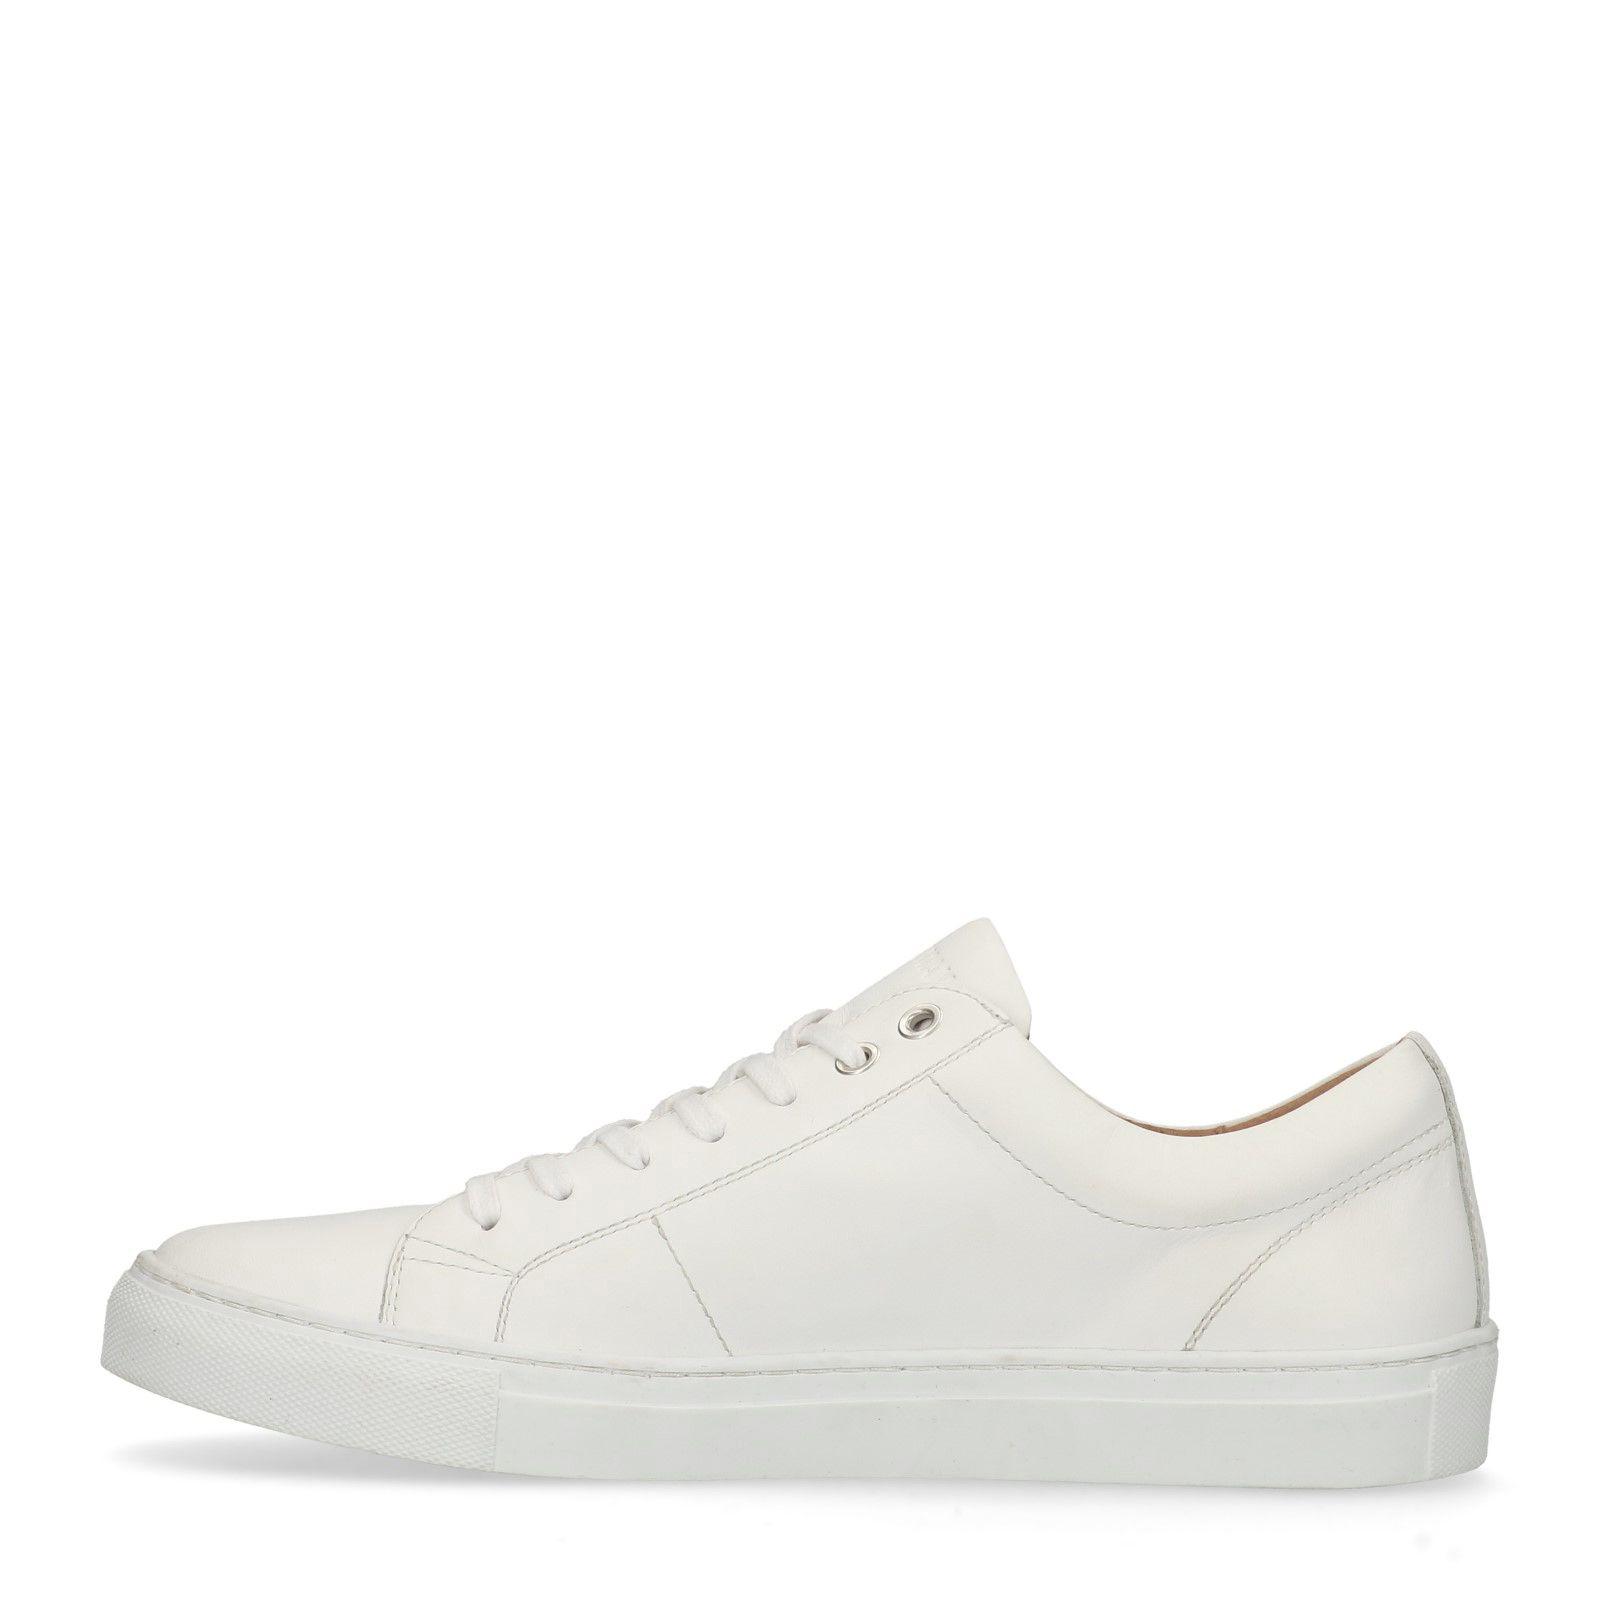 b74c360aa3a Witte leren sneakers - Heren | MANFIELD